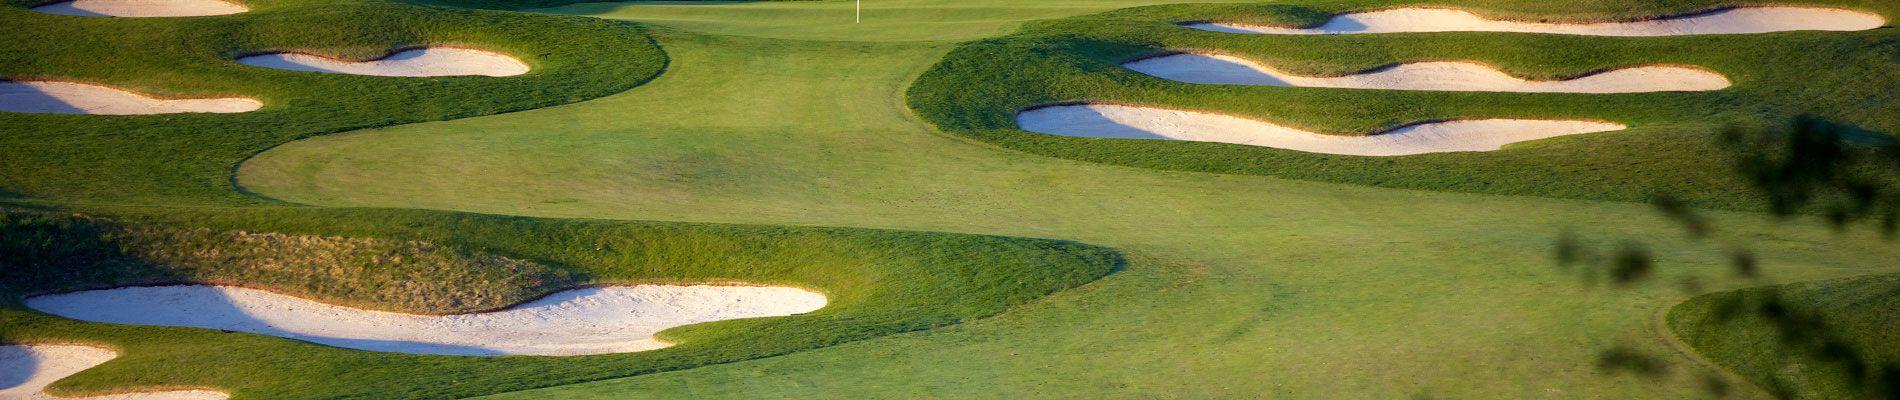 green-golf-st